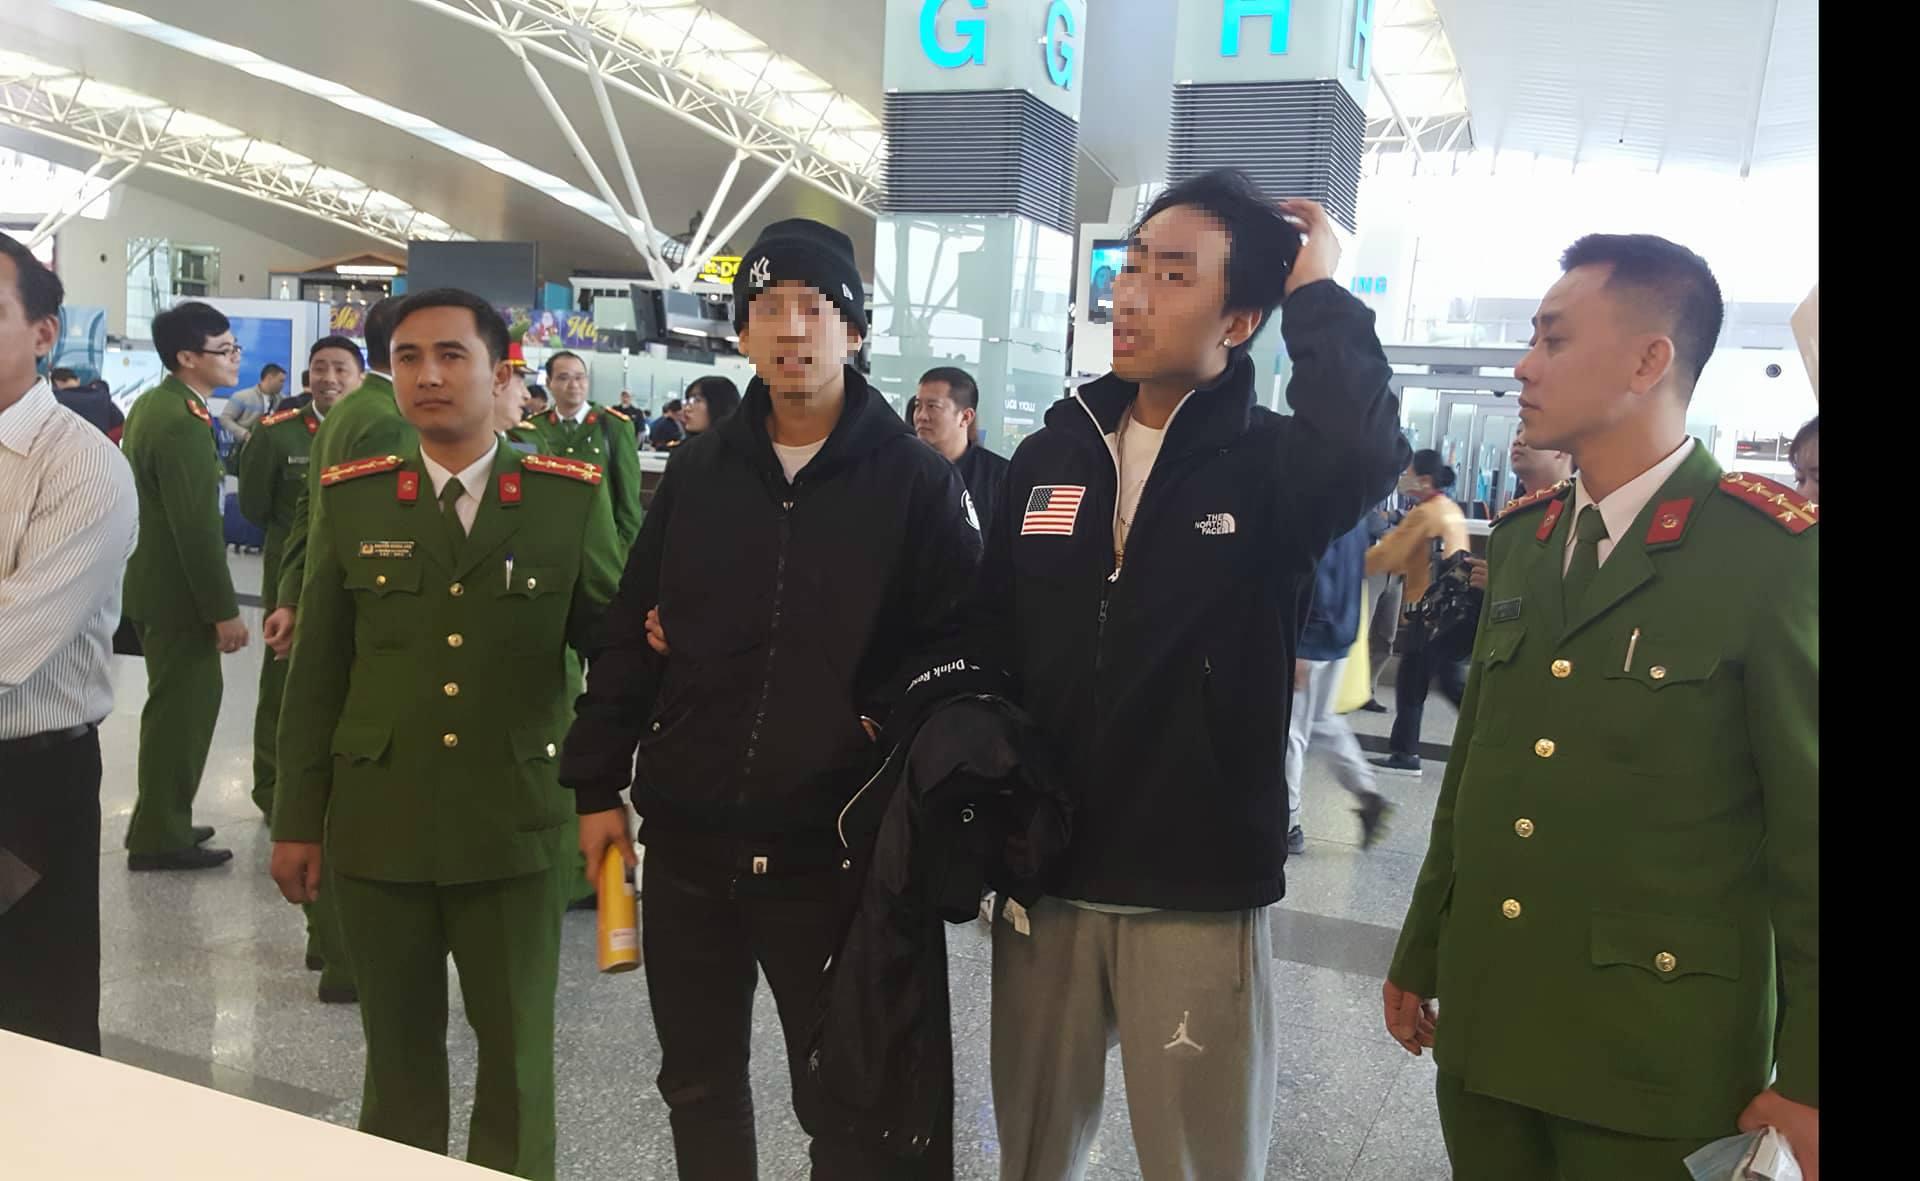 Công an Việt Nam bàn giao 2 đối tượng truy nã quốc tế cho phía Hàn Quốc - Ảnh 1